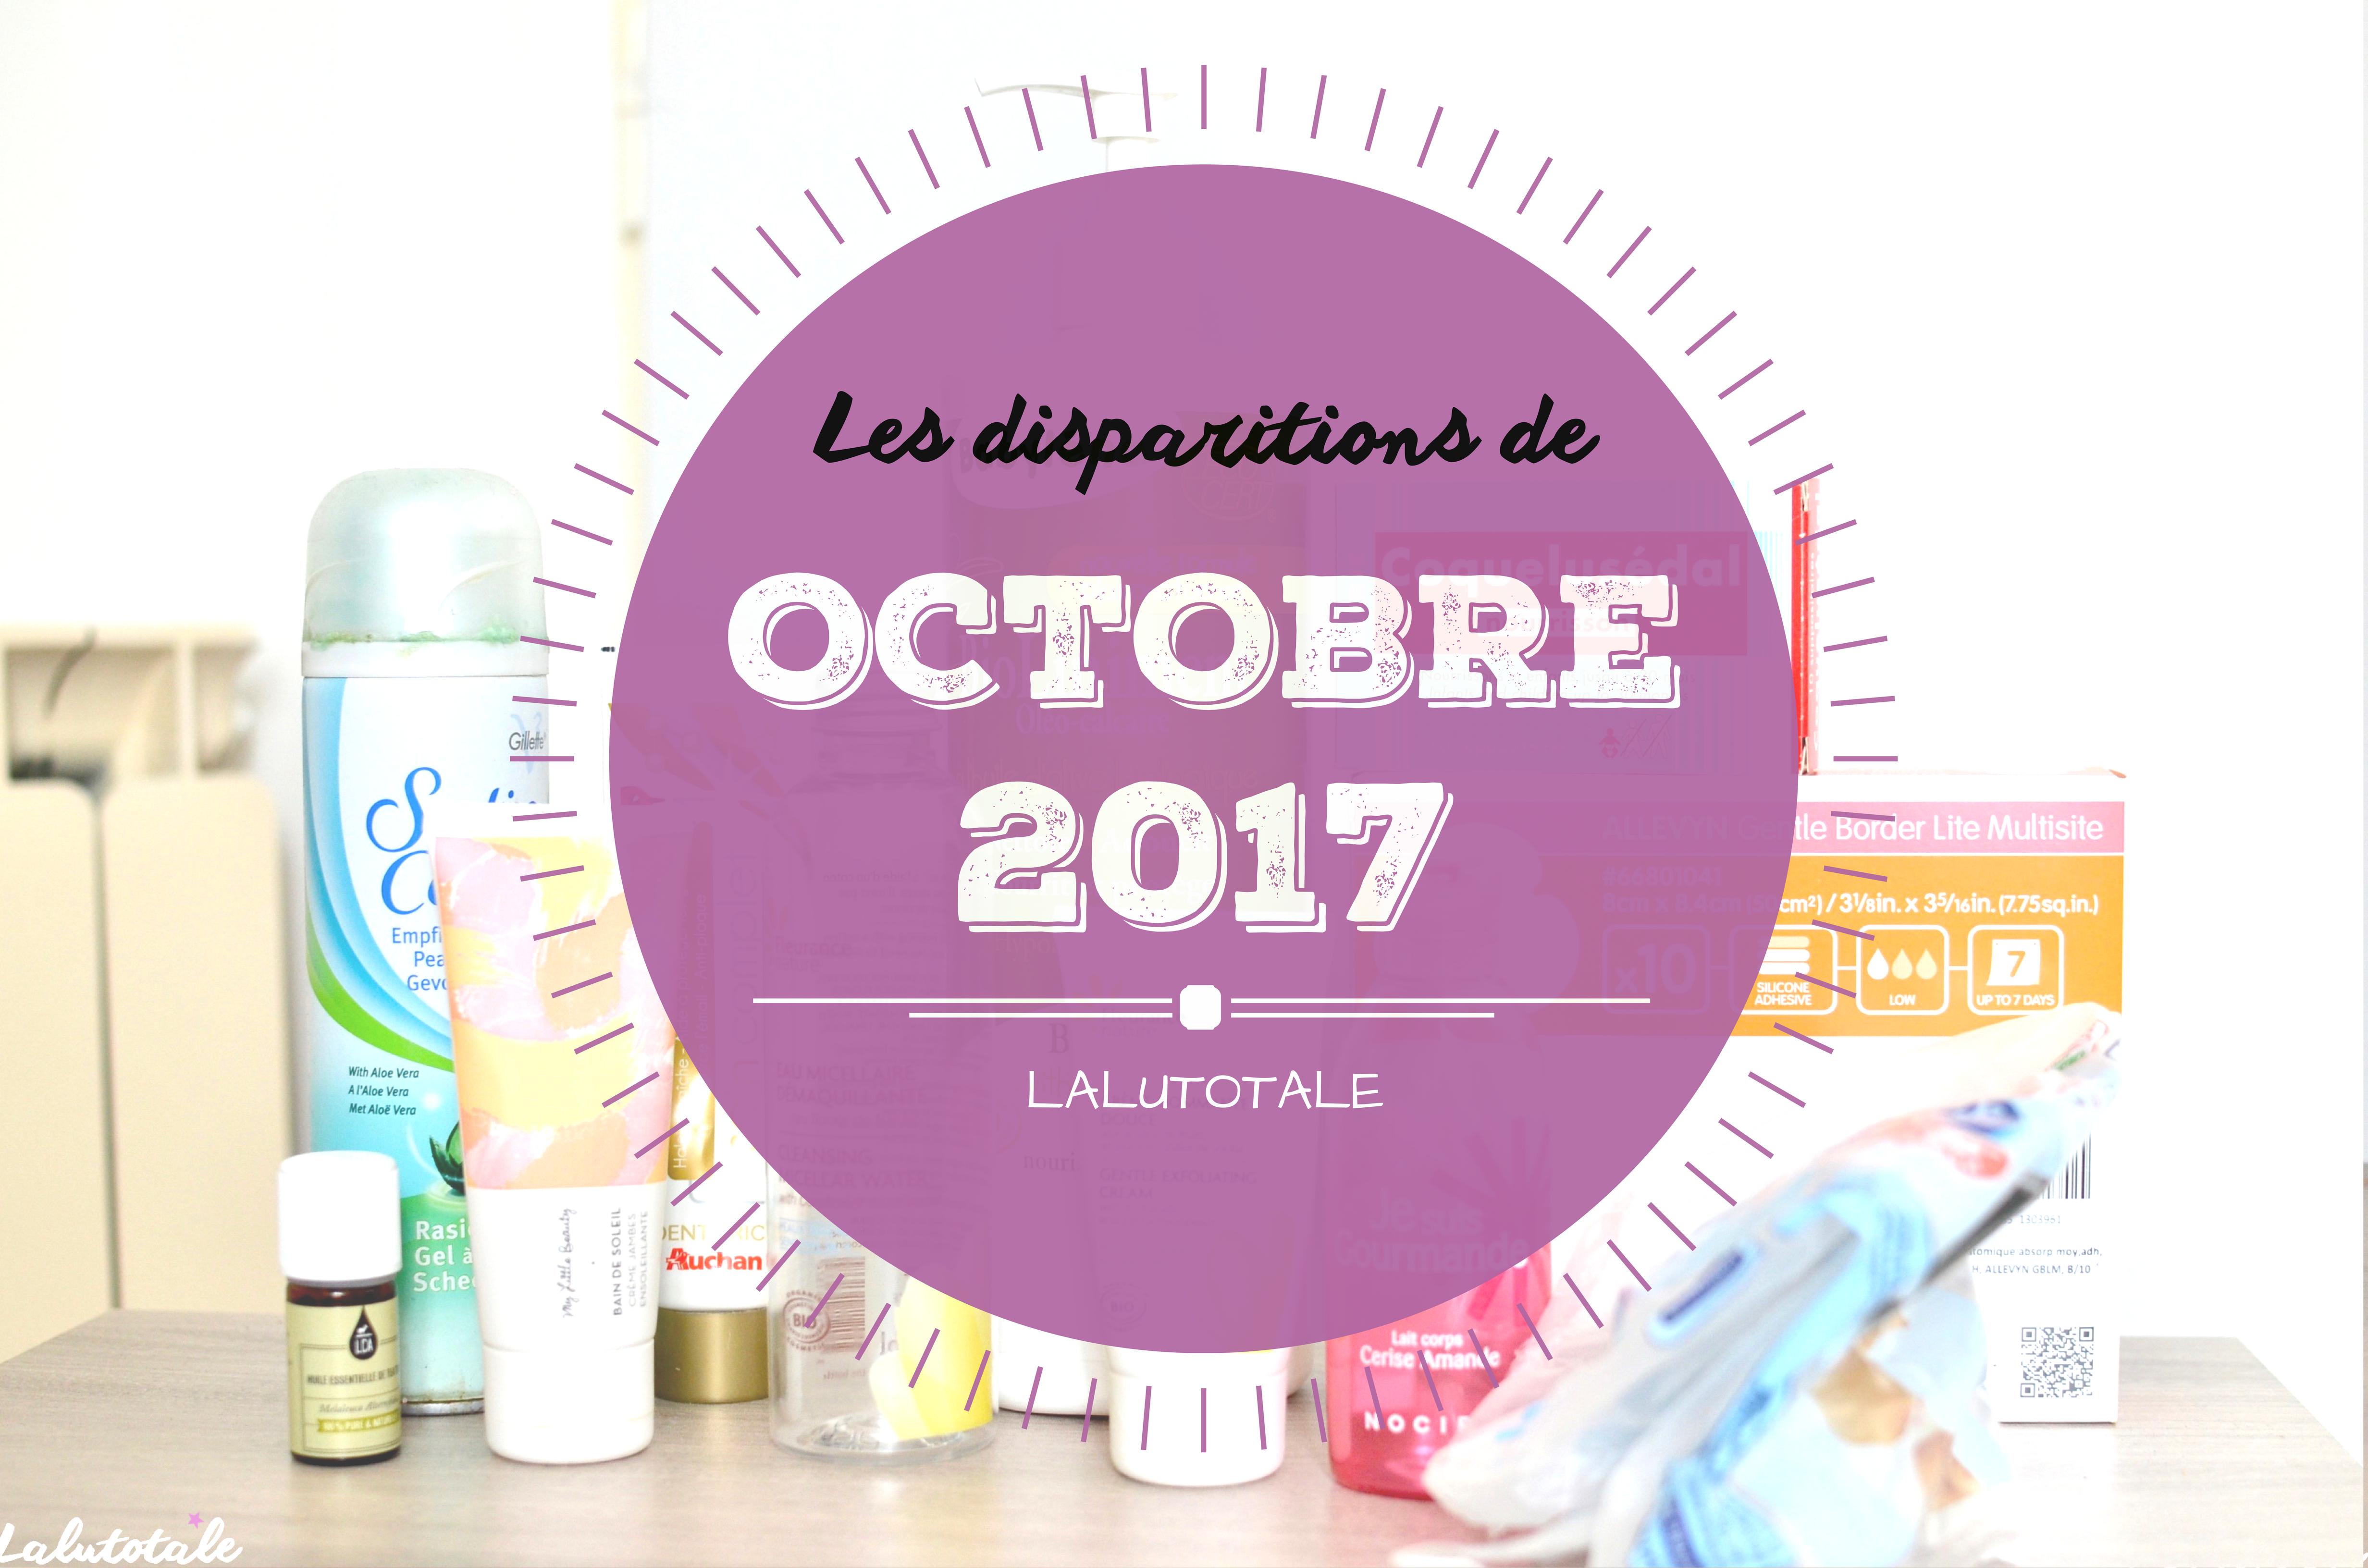 ✞ Les disparitions d' Octobre 2017 ✞